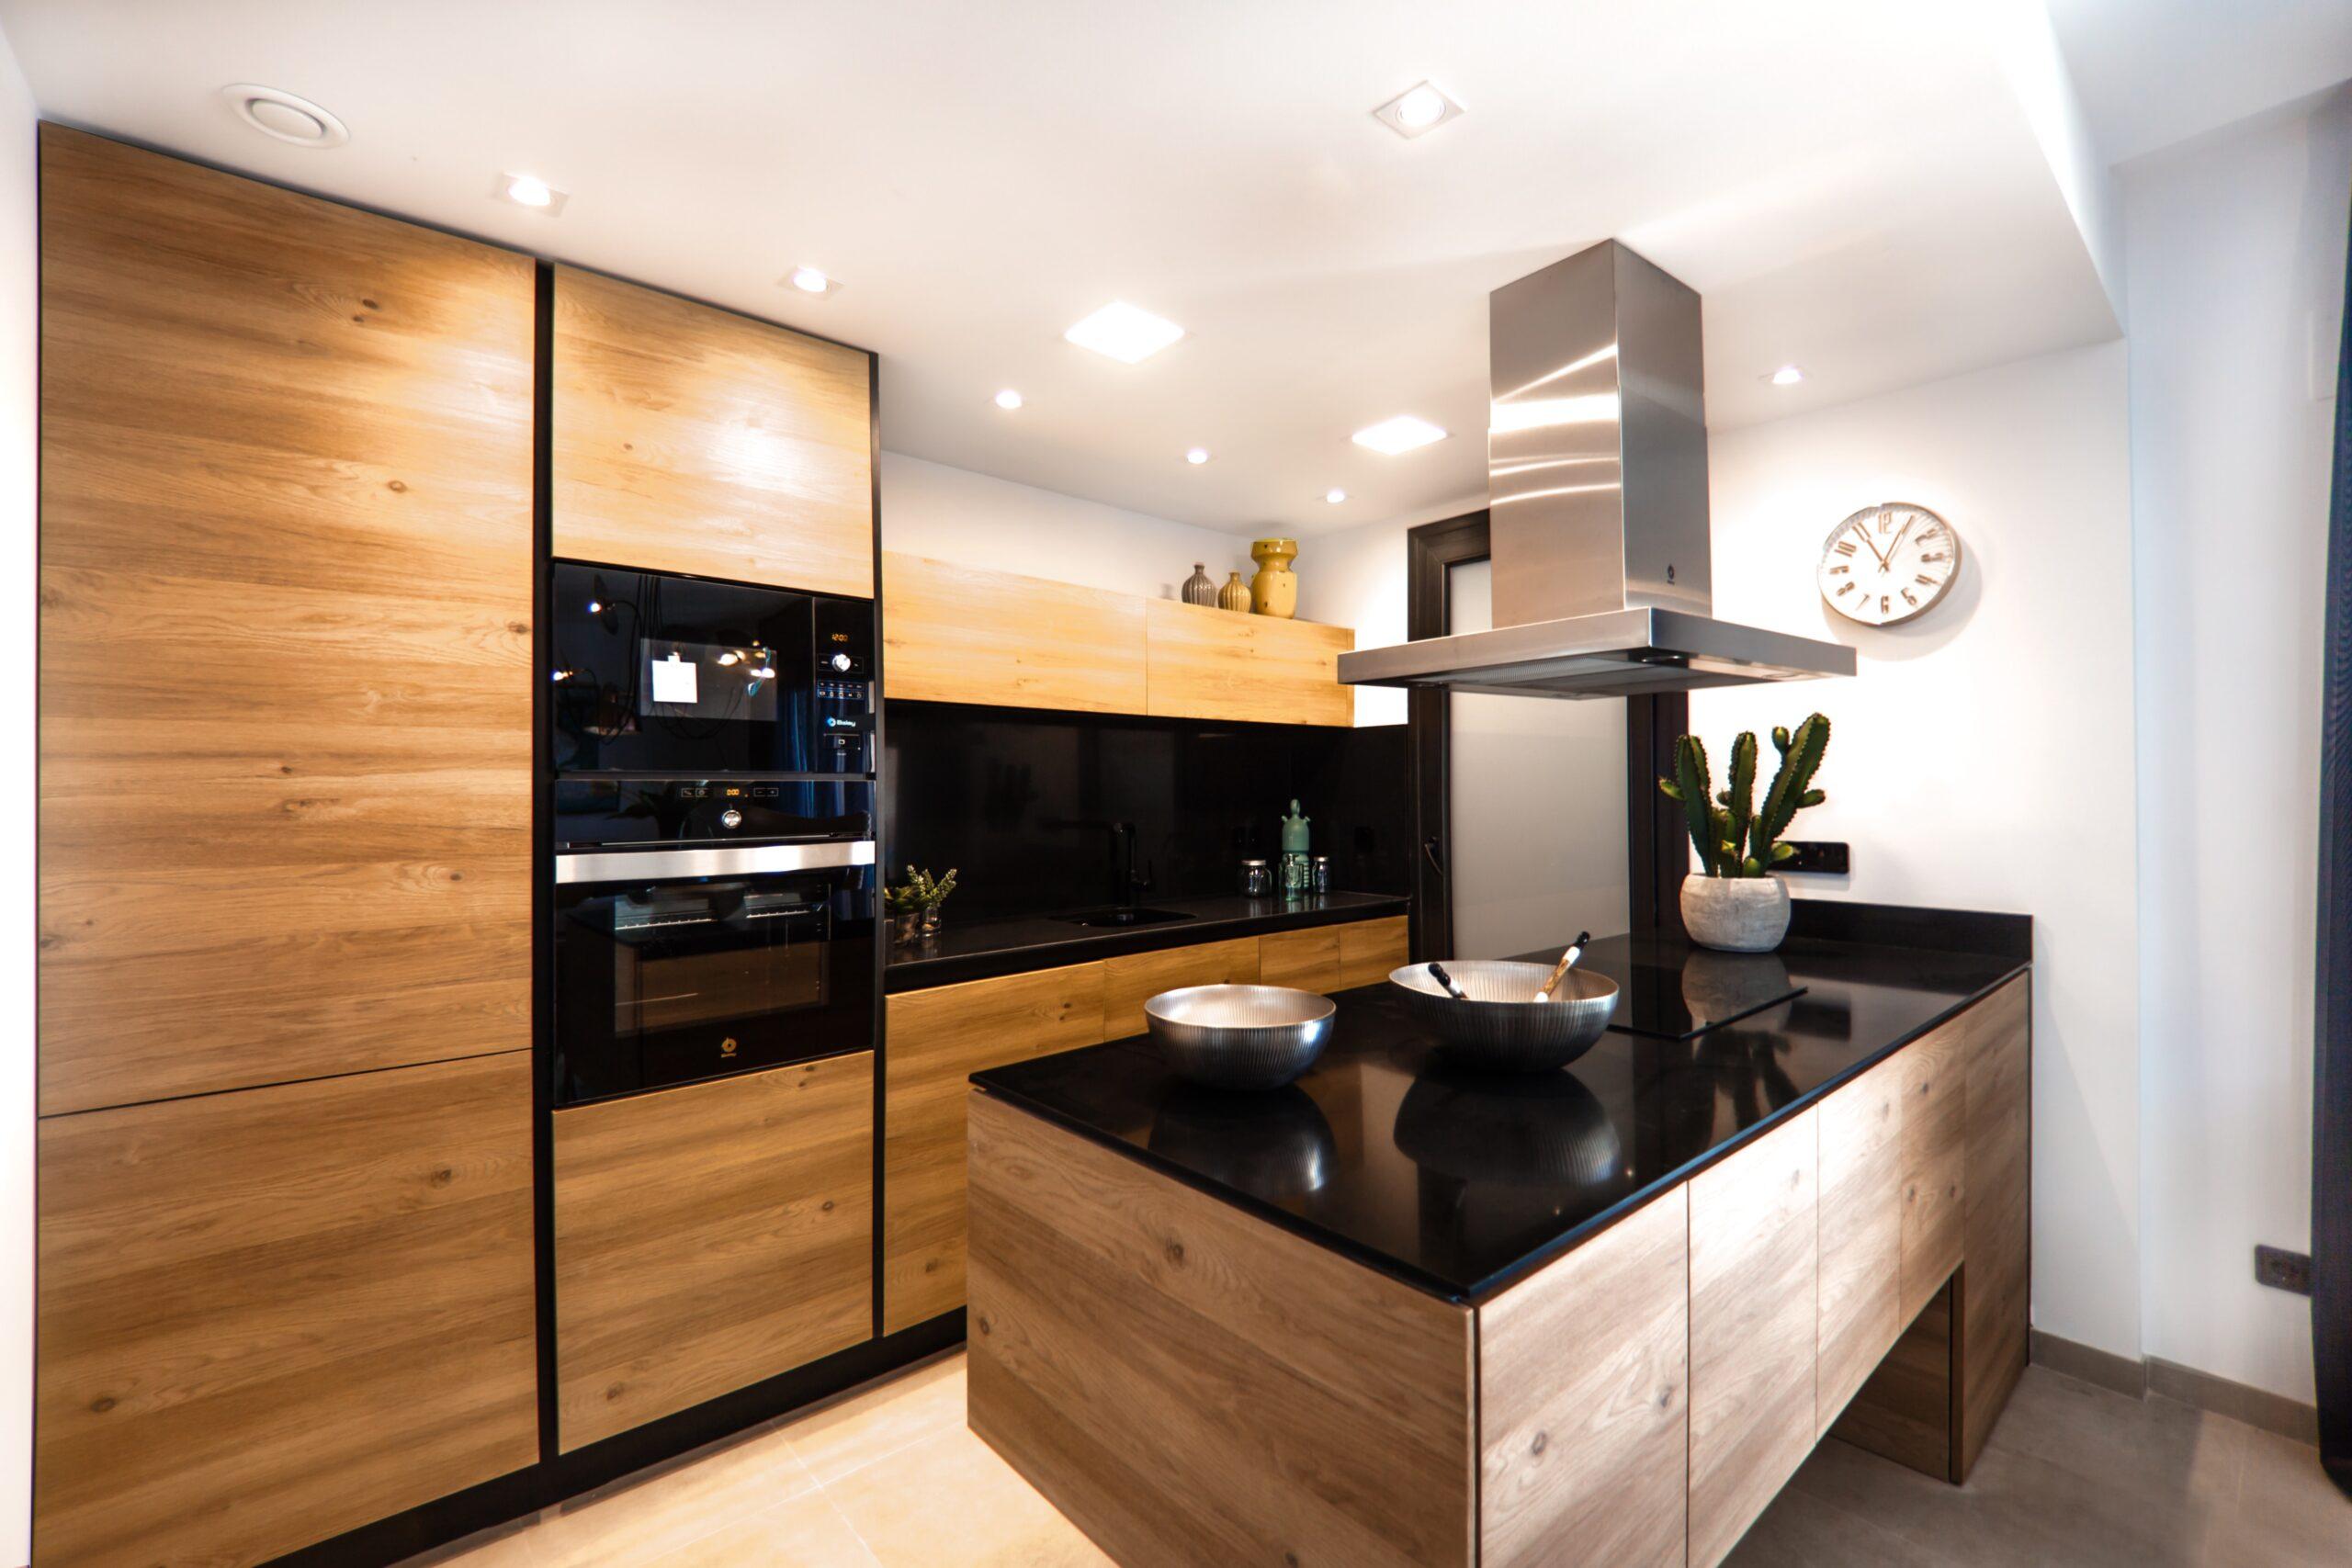 備え付けの家具・家電に関する注意点